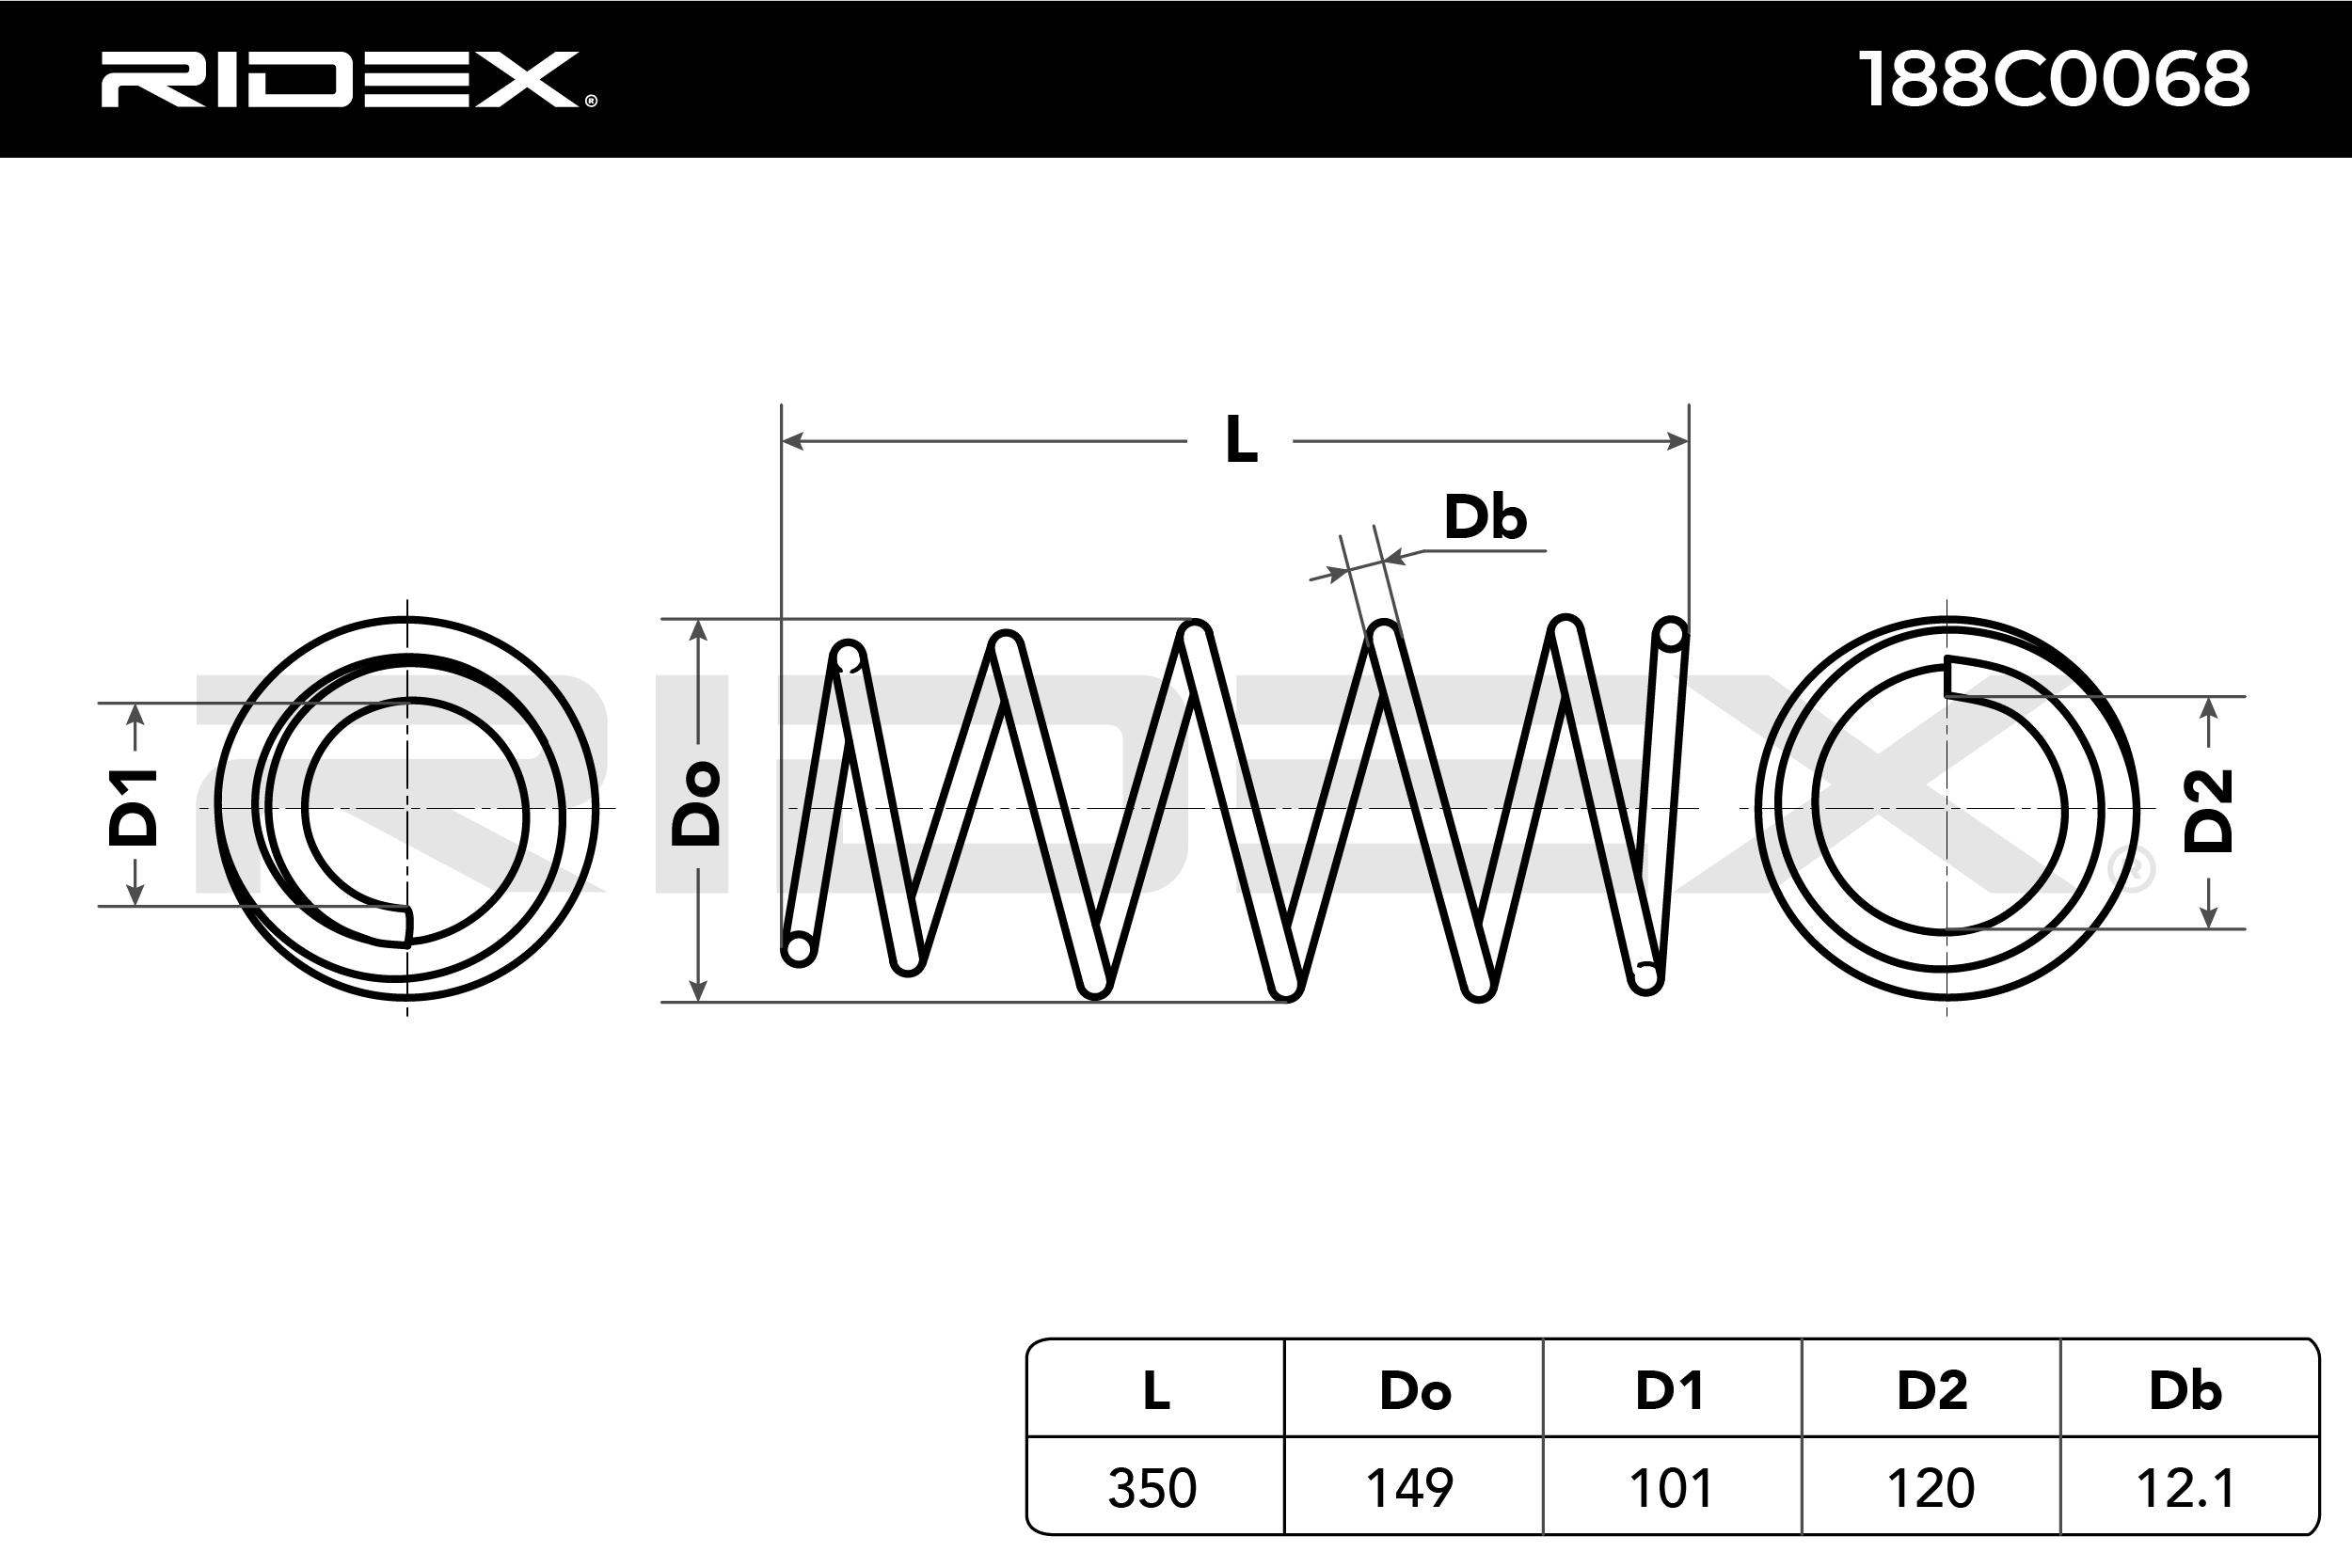 Beliebte 188C0068 RIDEX